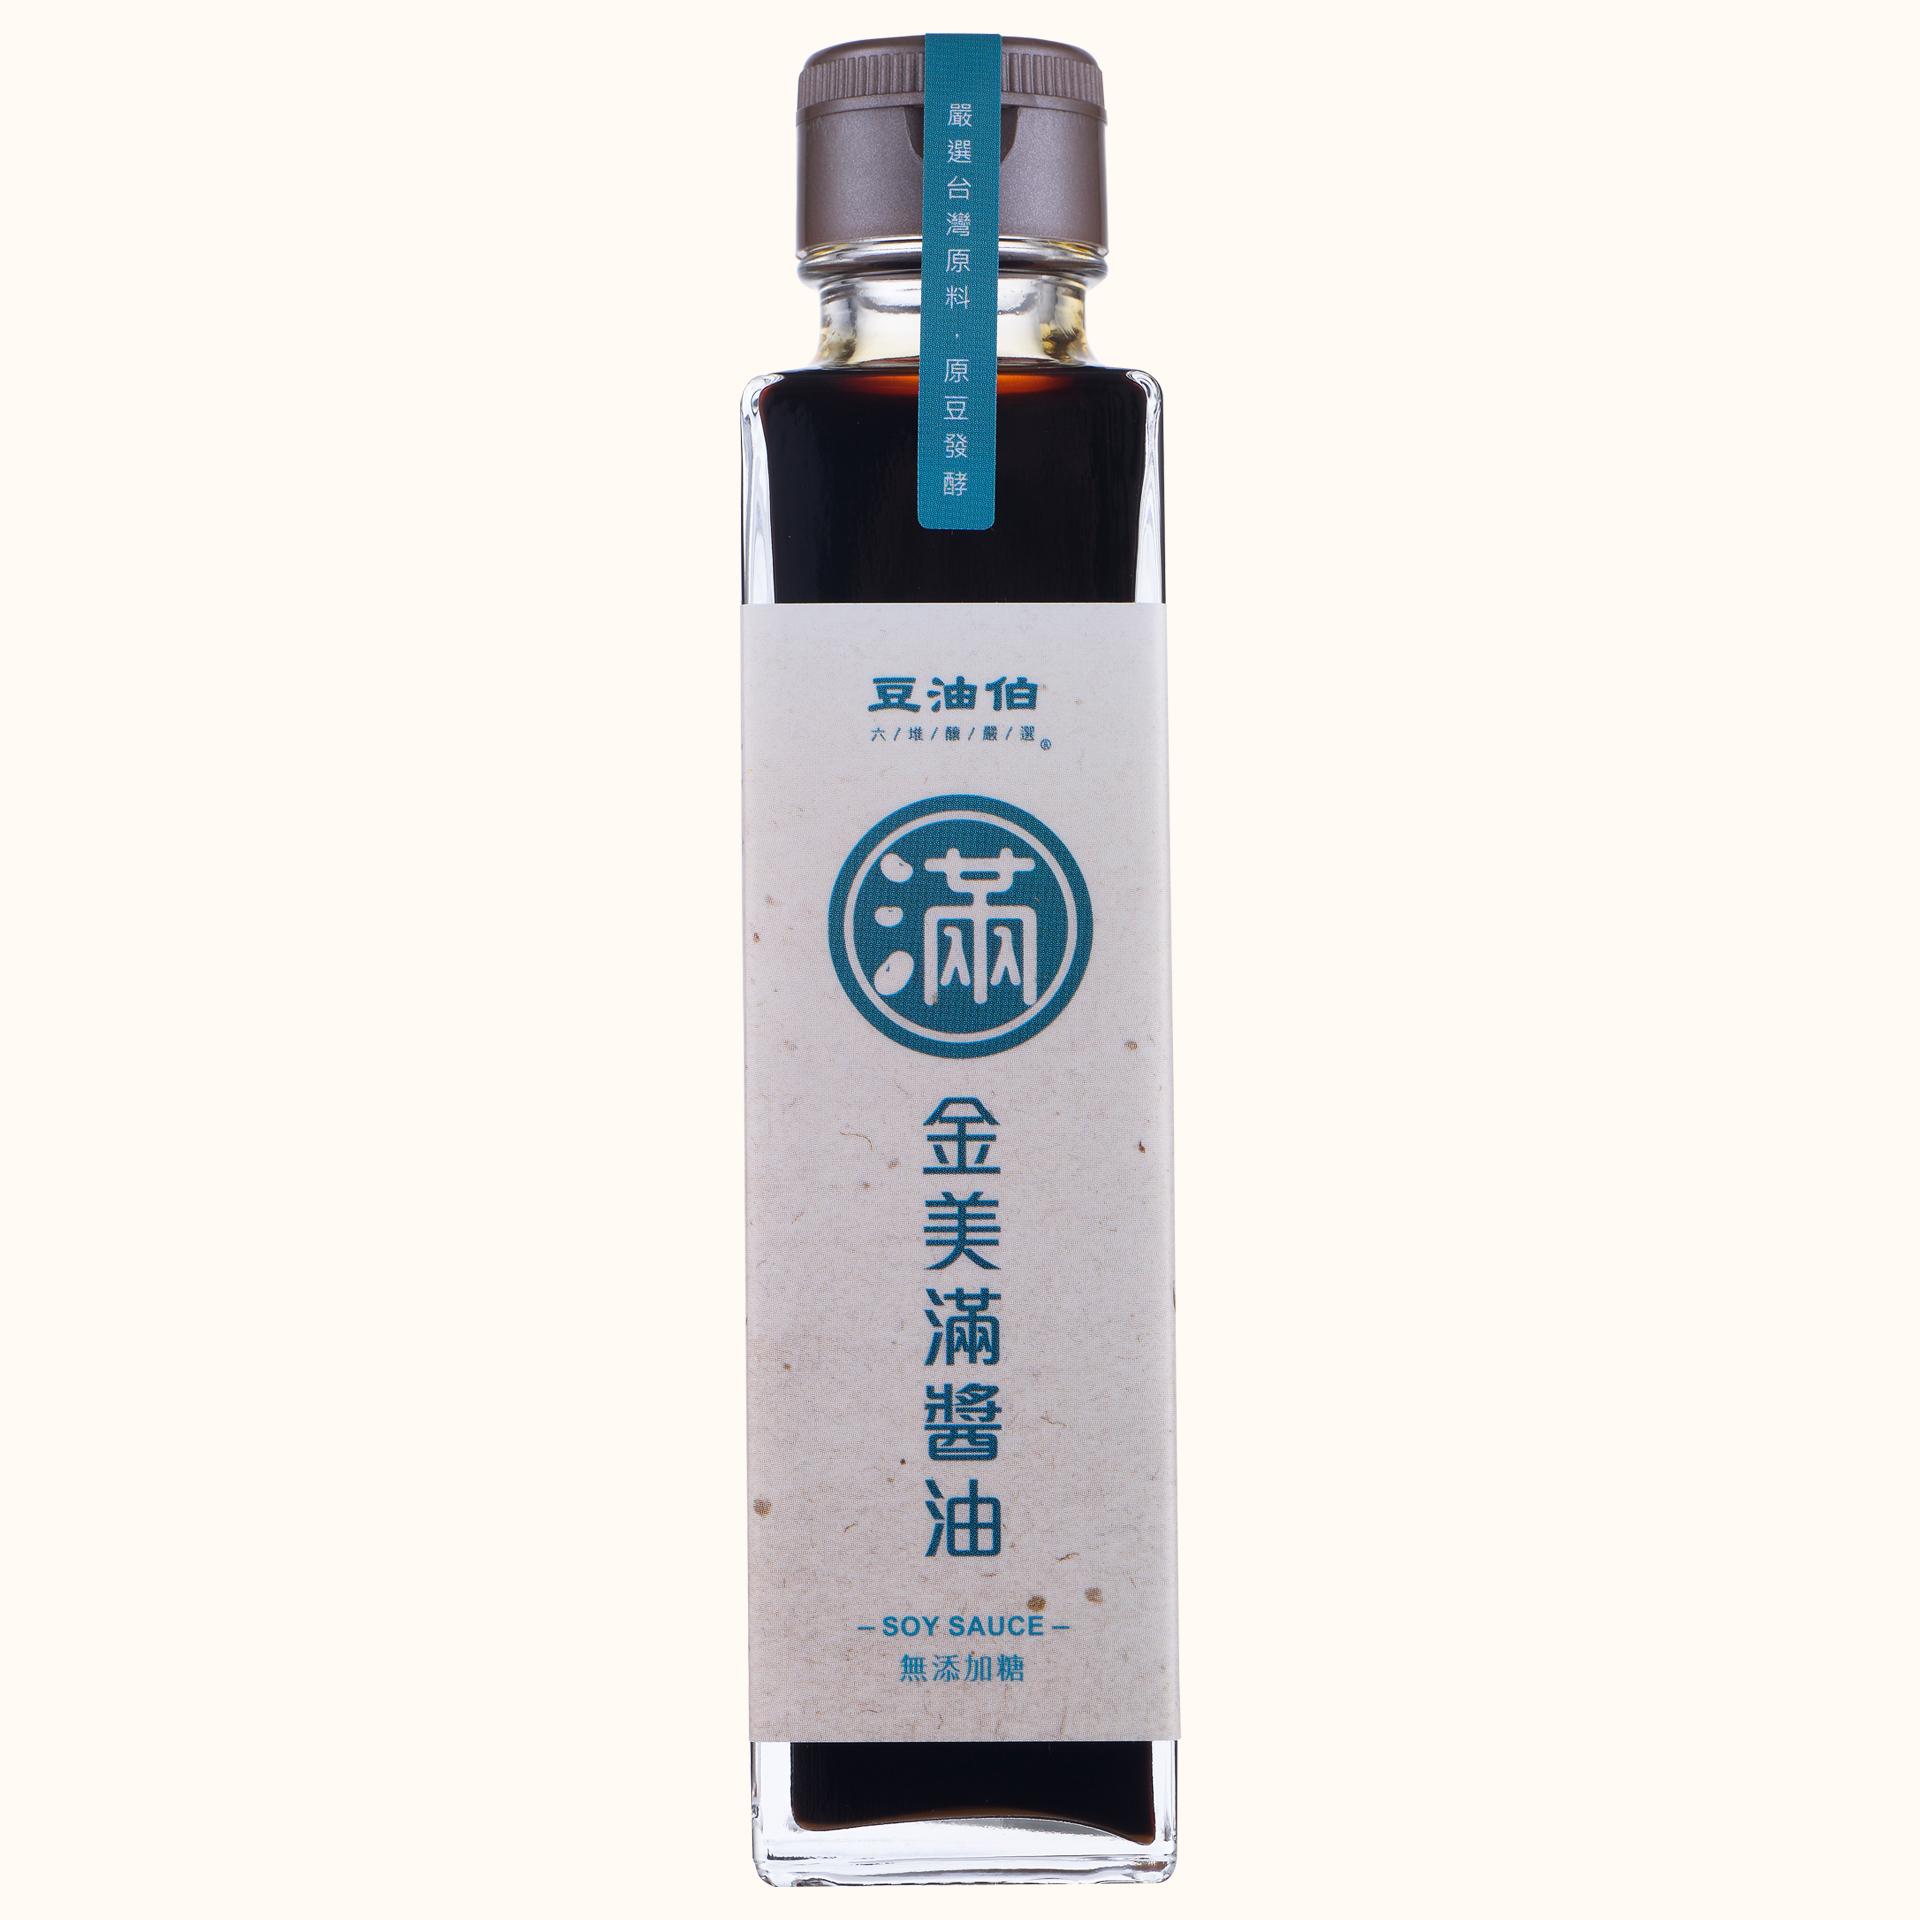 【短效品】金美滿無添加糖黃豆醬油日式瓶150ml(效期:20190502-20210501)